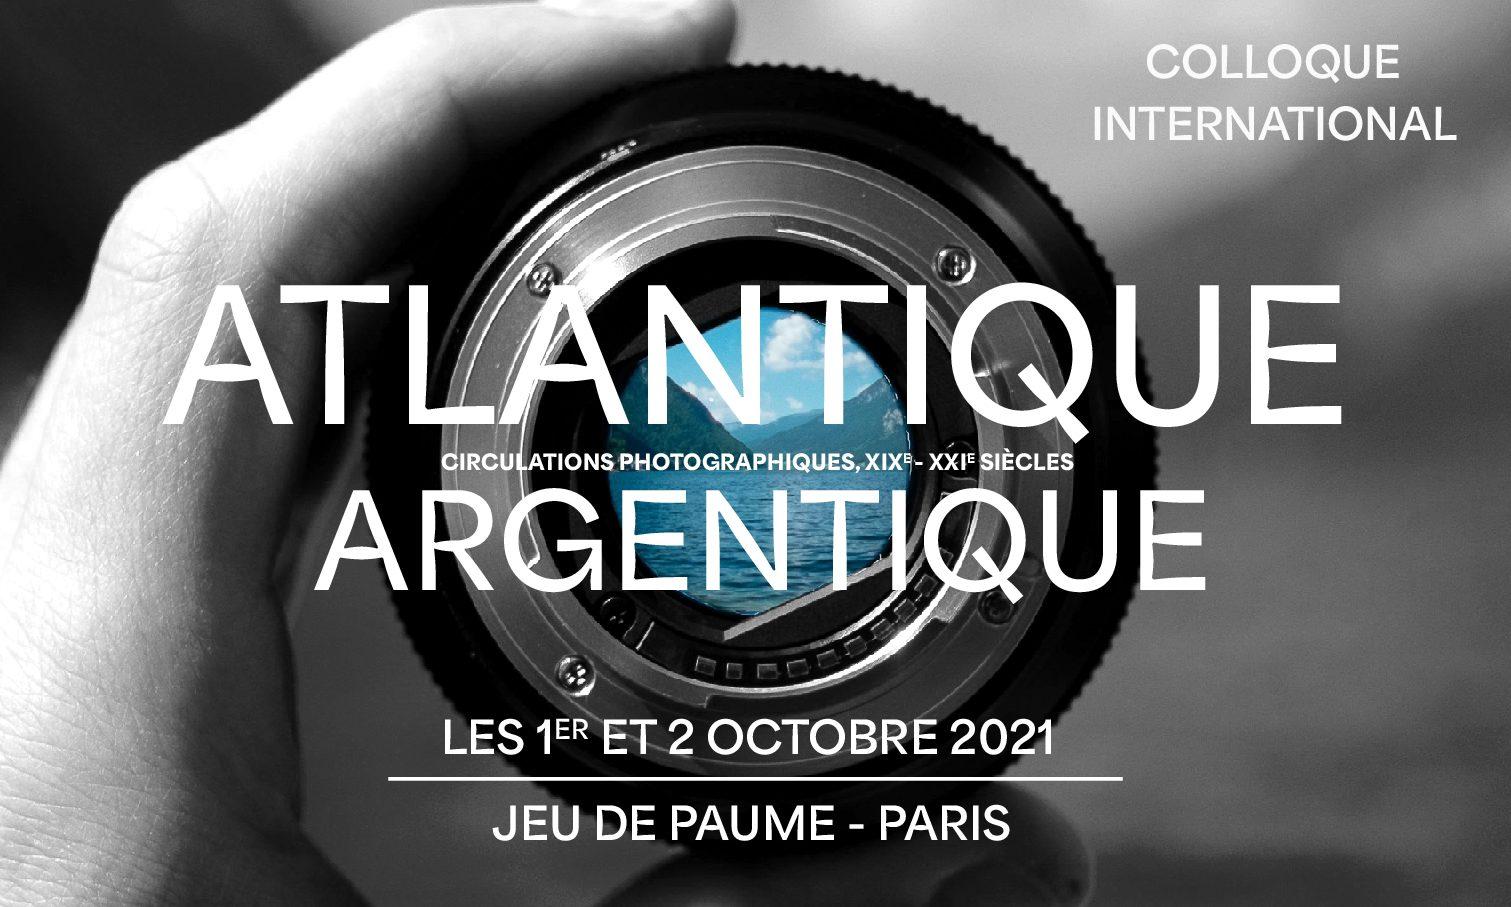 Colloque Atlantique Argentique – 1er et 2 octobre 2021